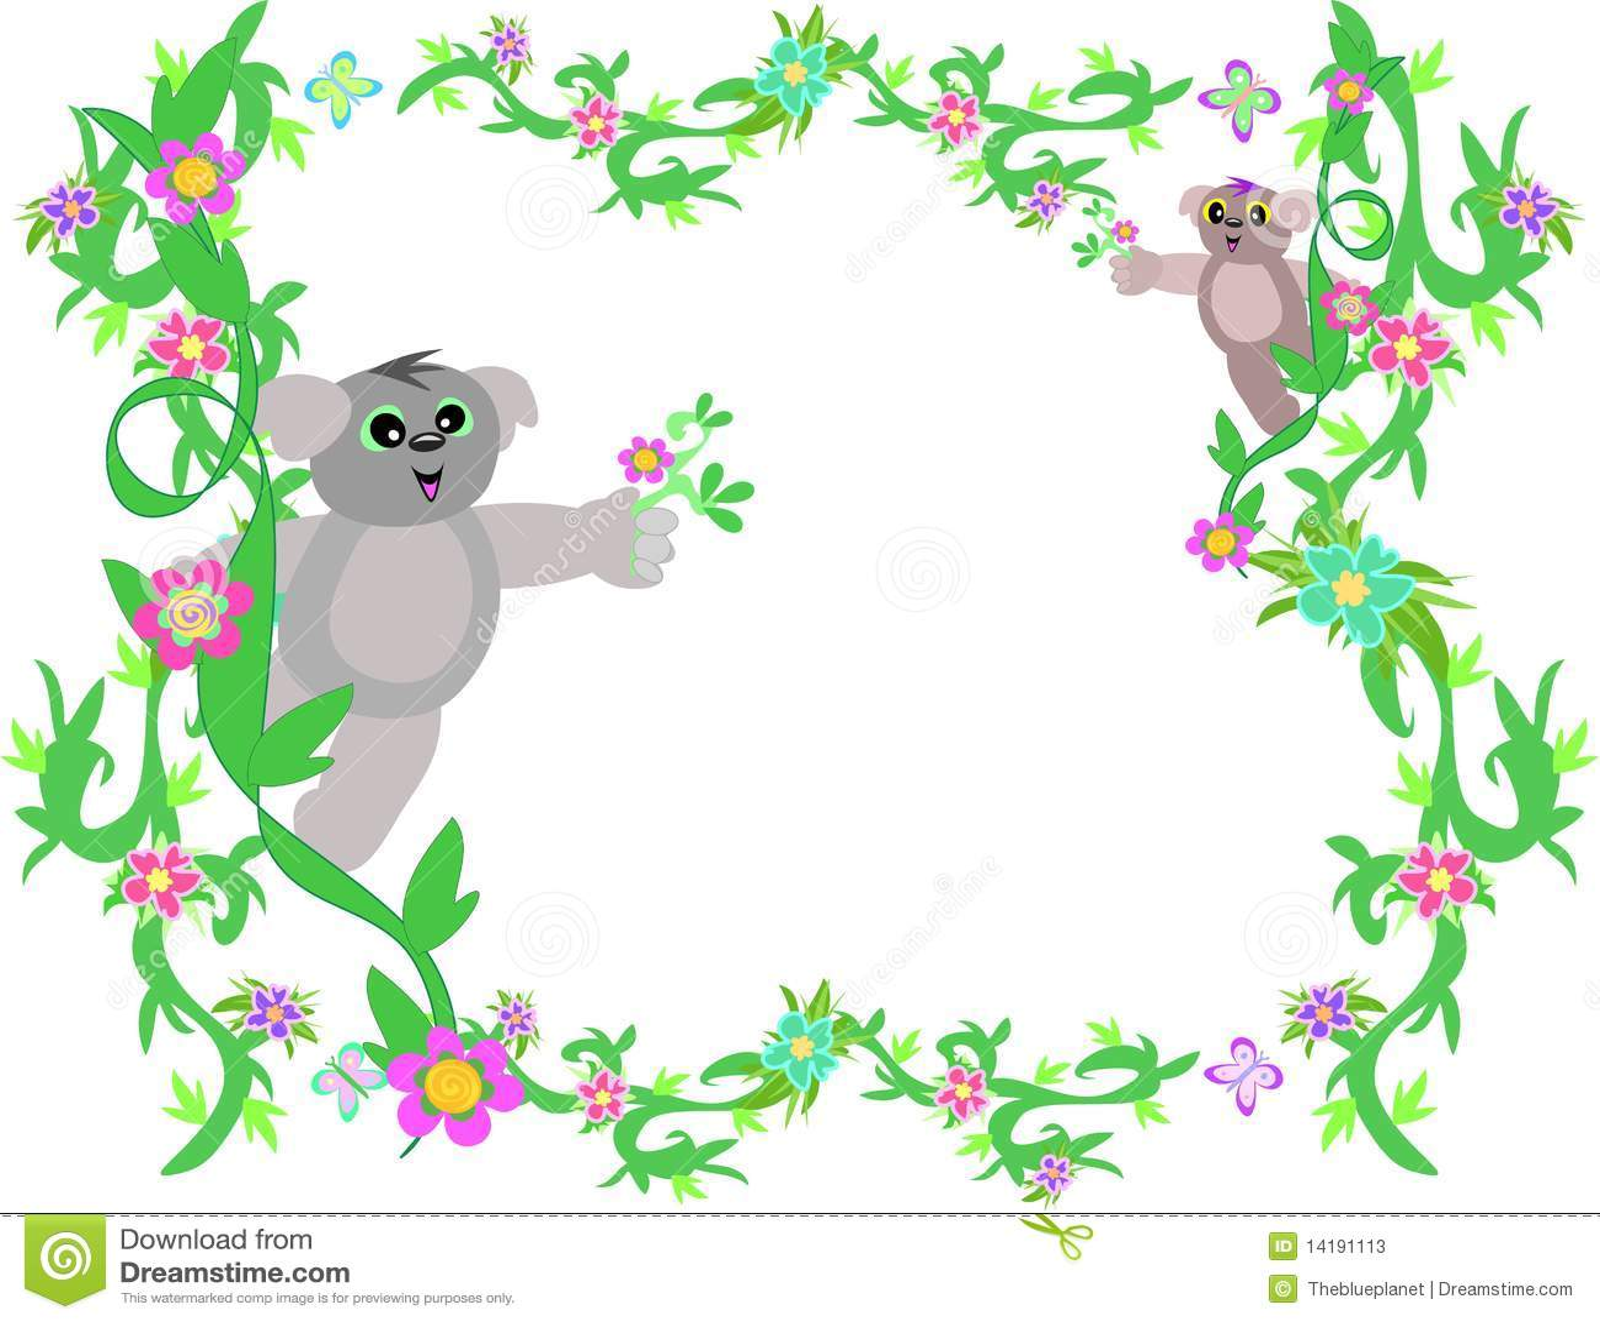 Marco de vides y de osos de koala ilustraci n del vector for Decoracion de paginas